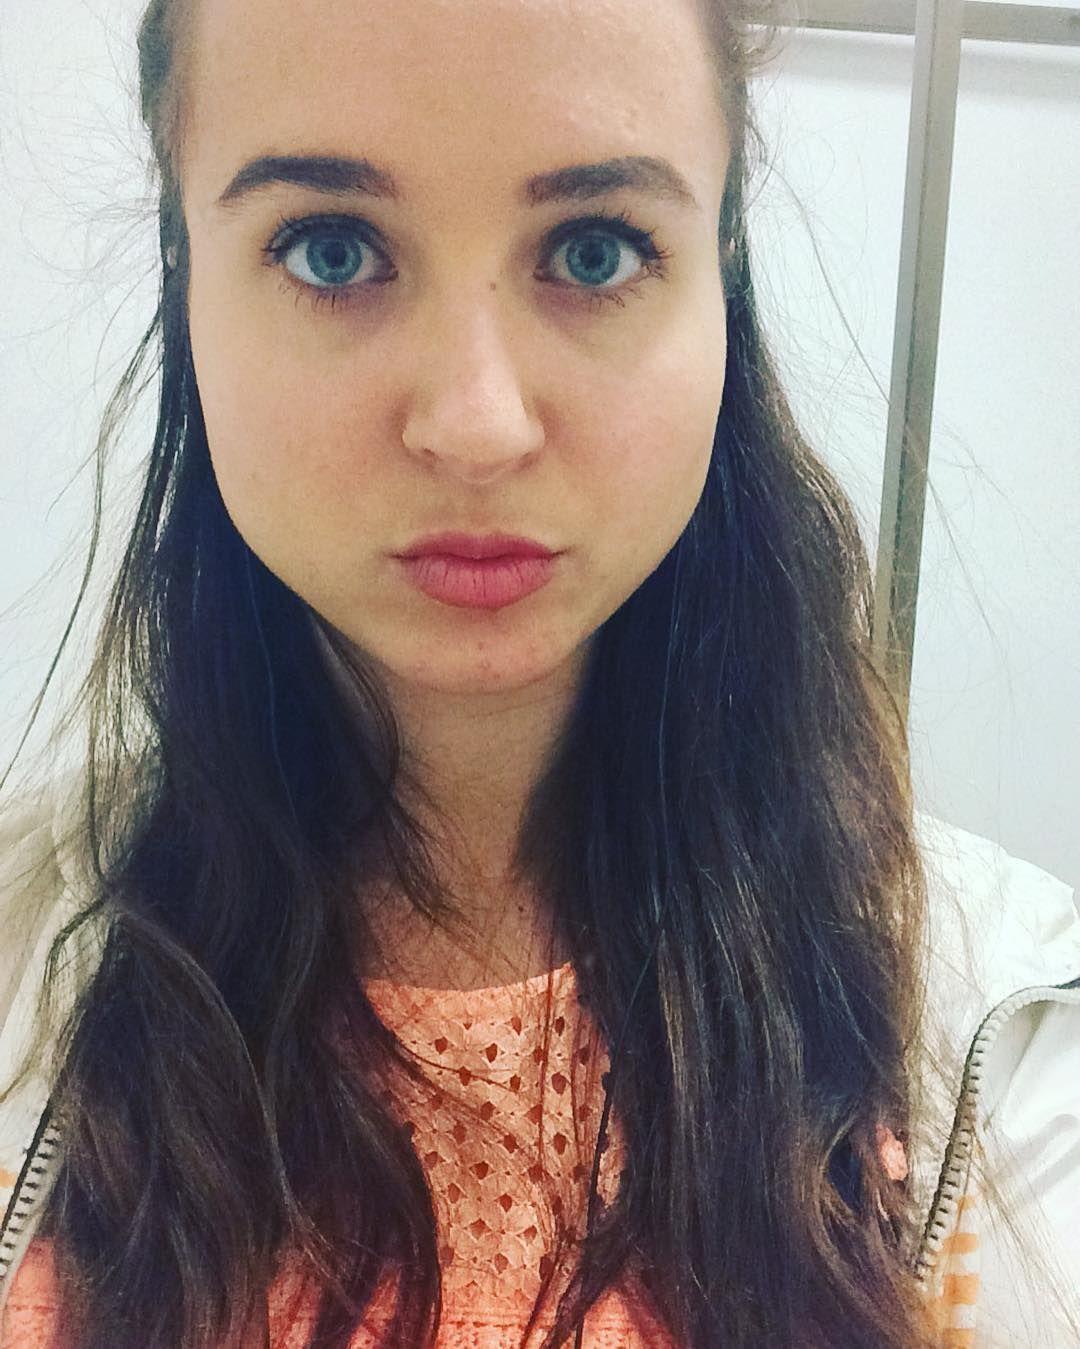 Daily selfie #happy #instagood #me #selfie #love #work #me by odetteisabella